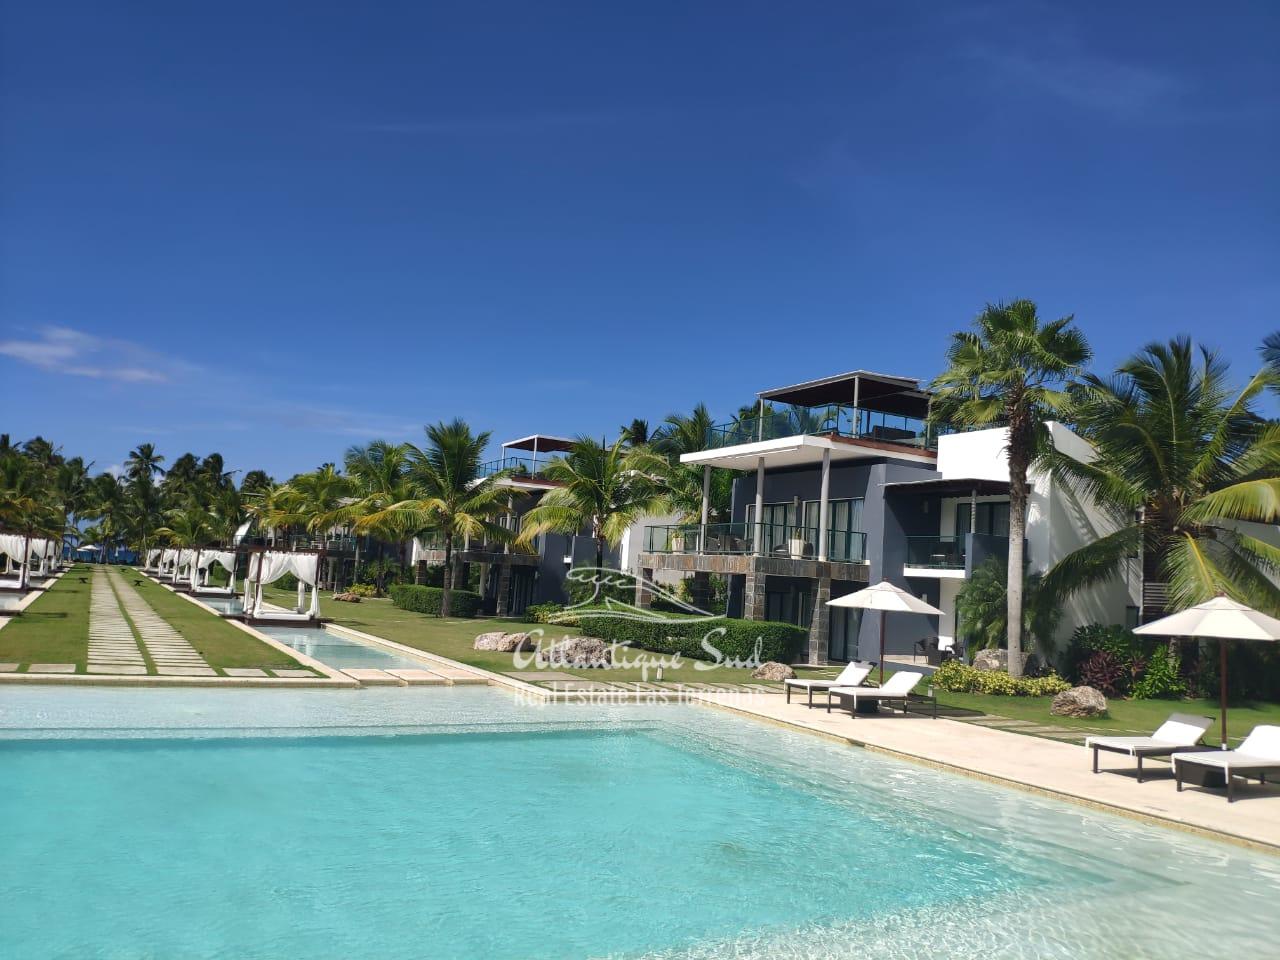 condo-in-all-inclusive-beachfront-hotel-lasterrenas12.jpeg